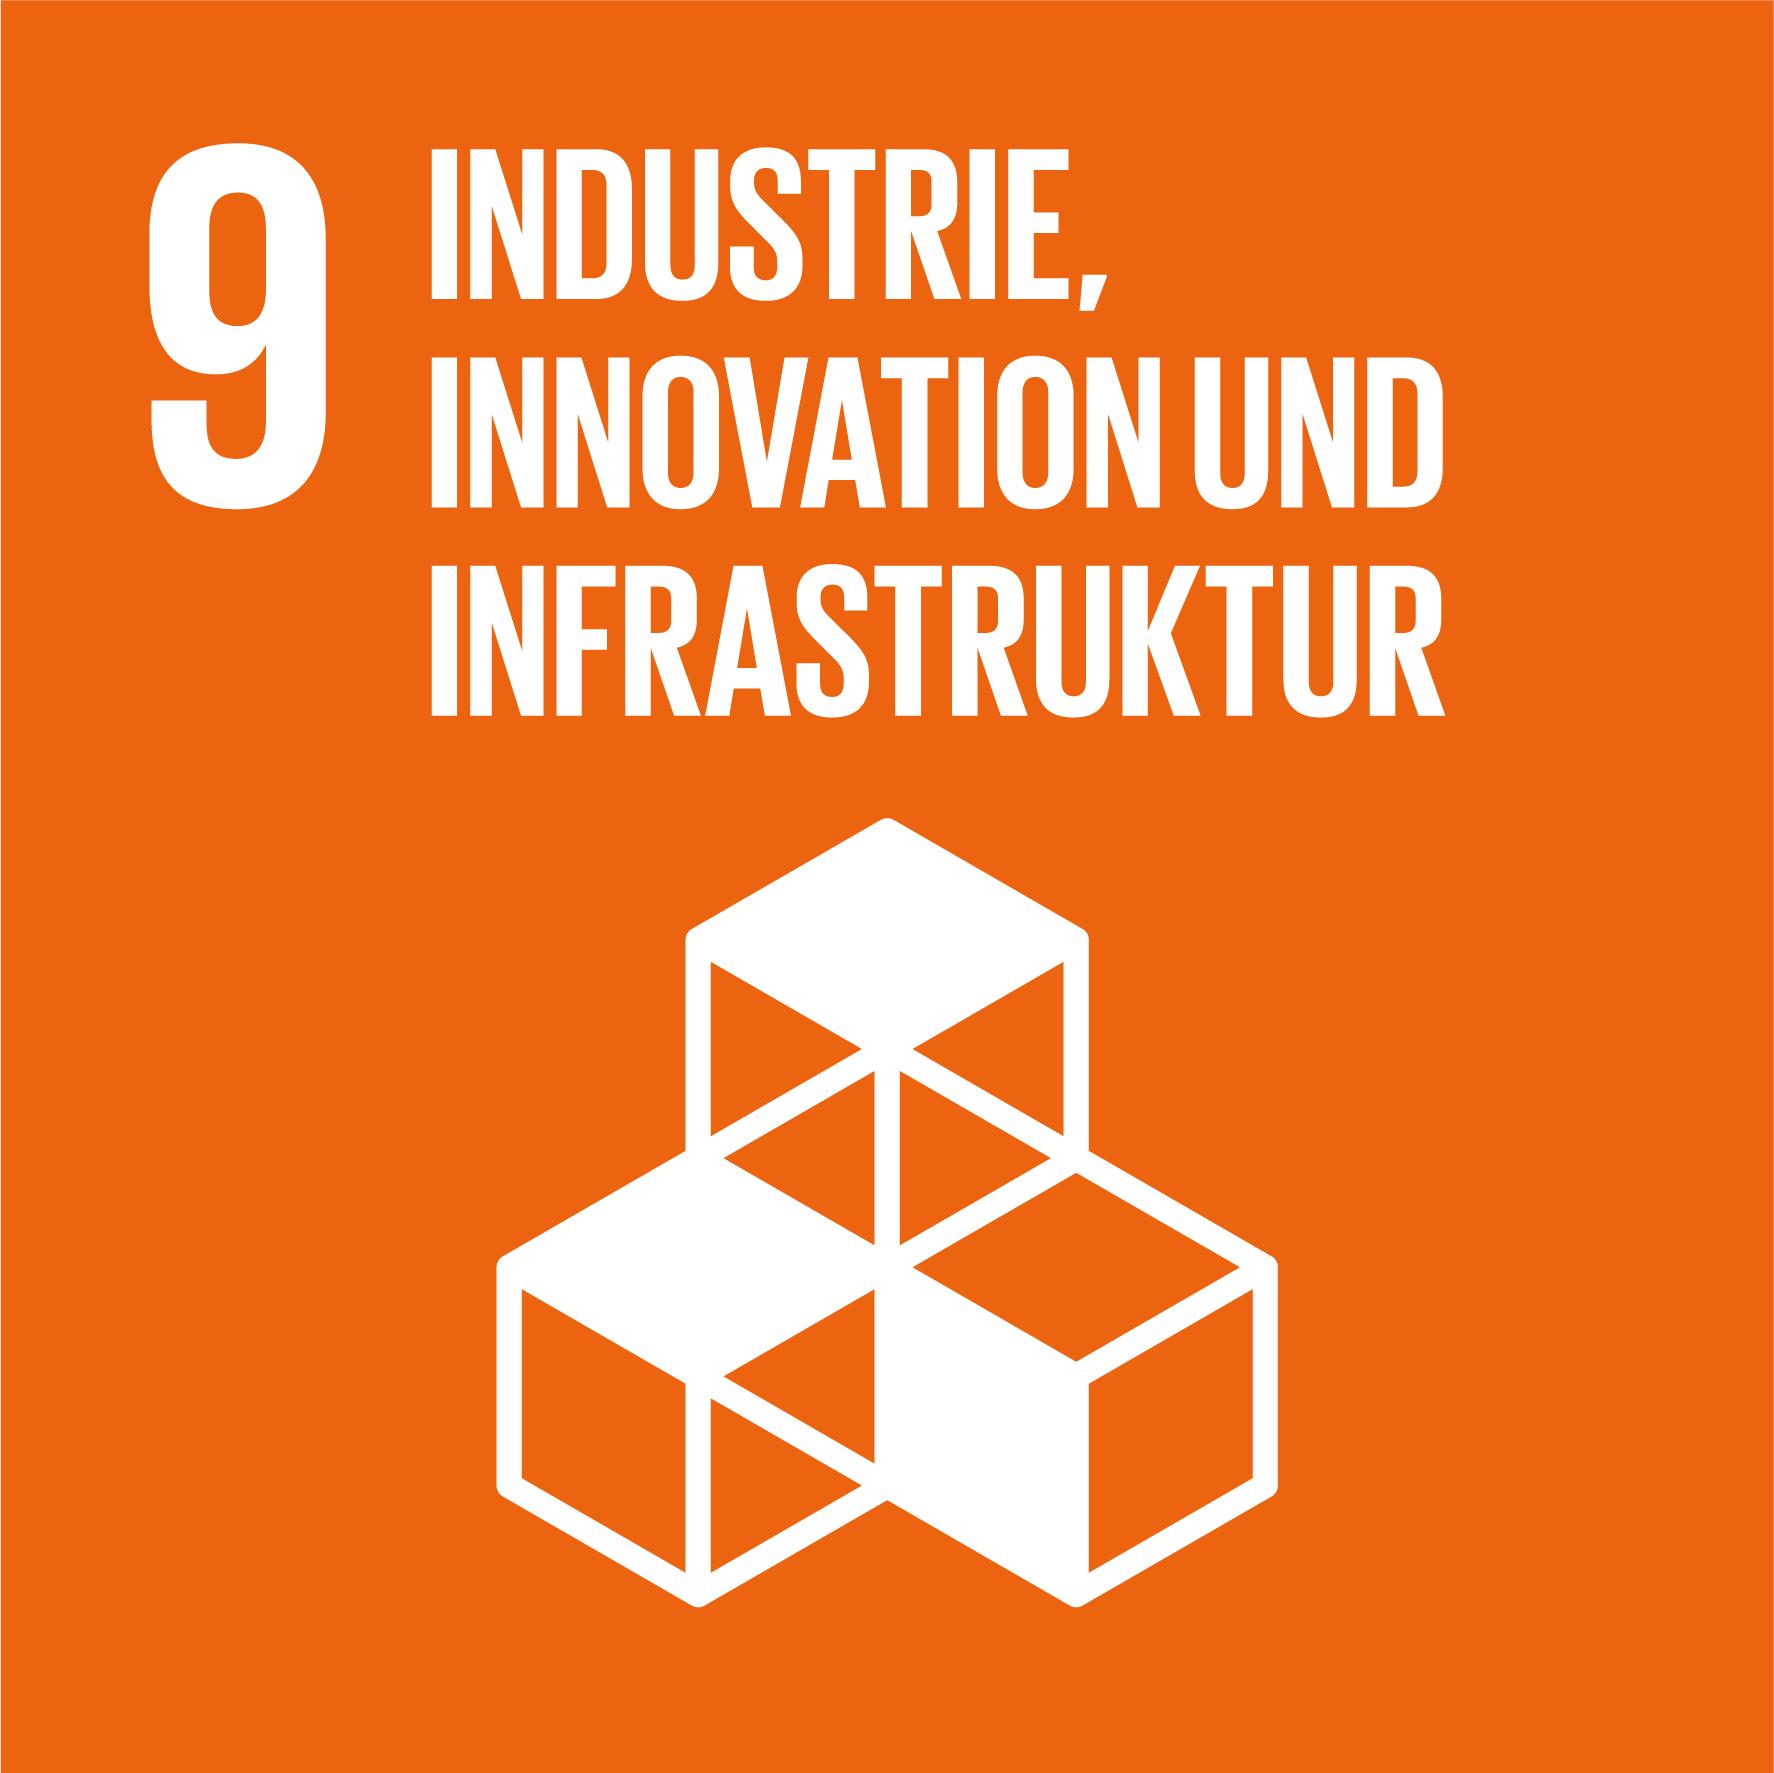 SDG 9 Industrie und Innovation